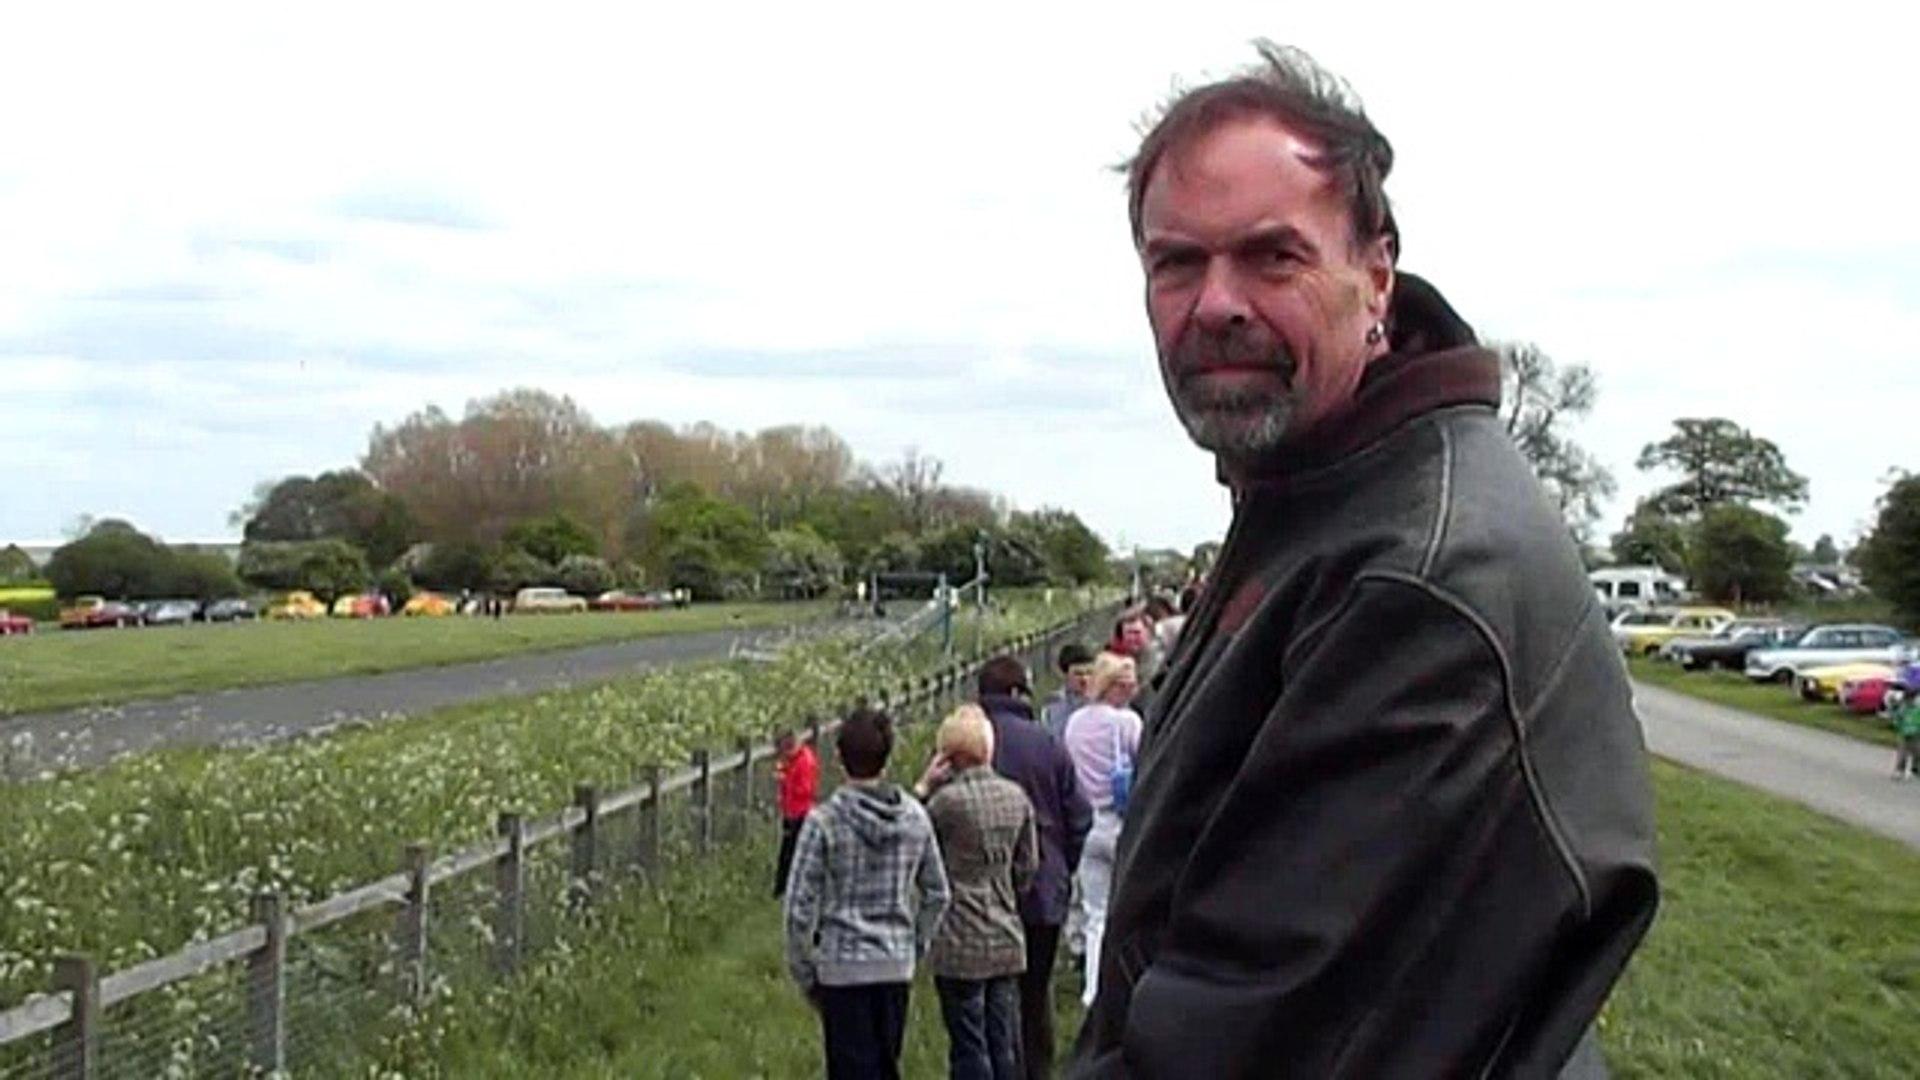 Drayton manor 1/8th Drag 2009